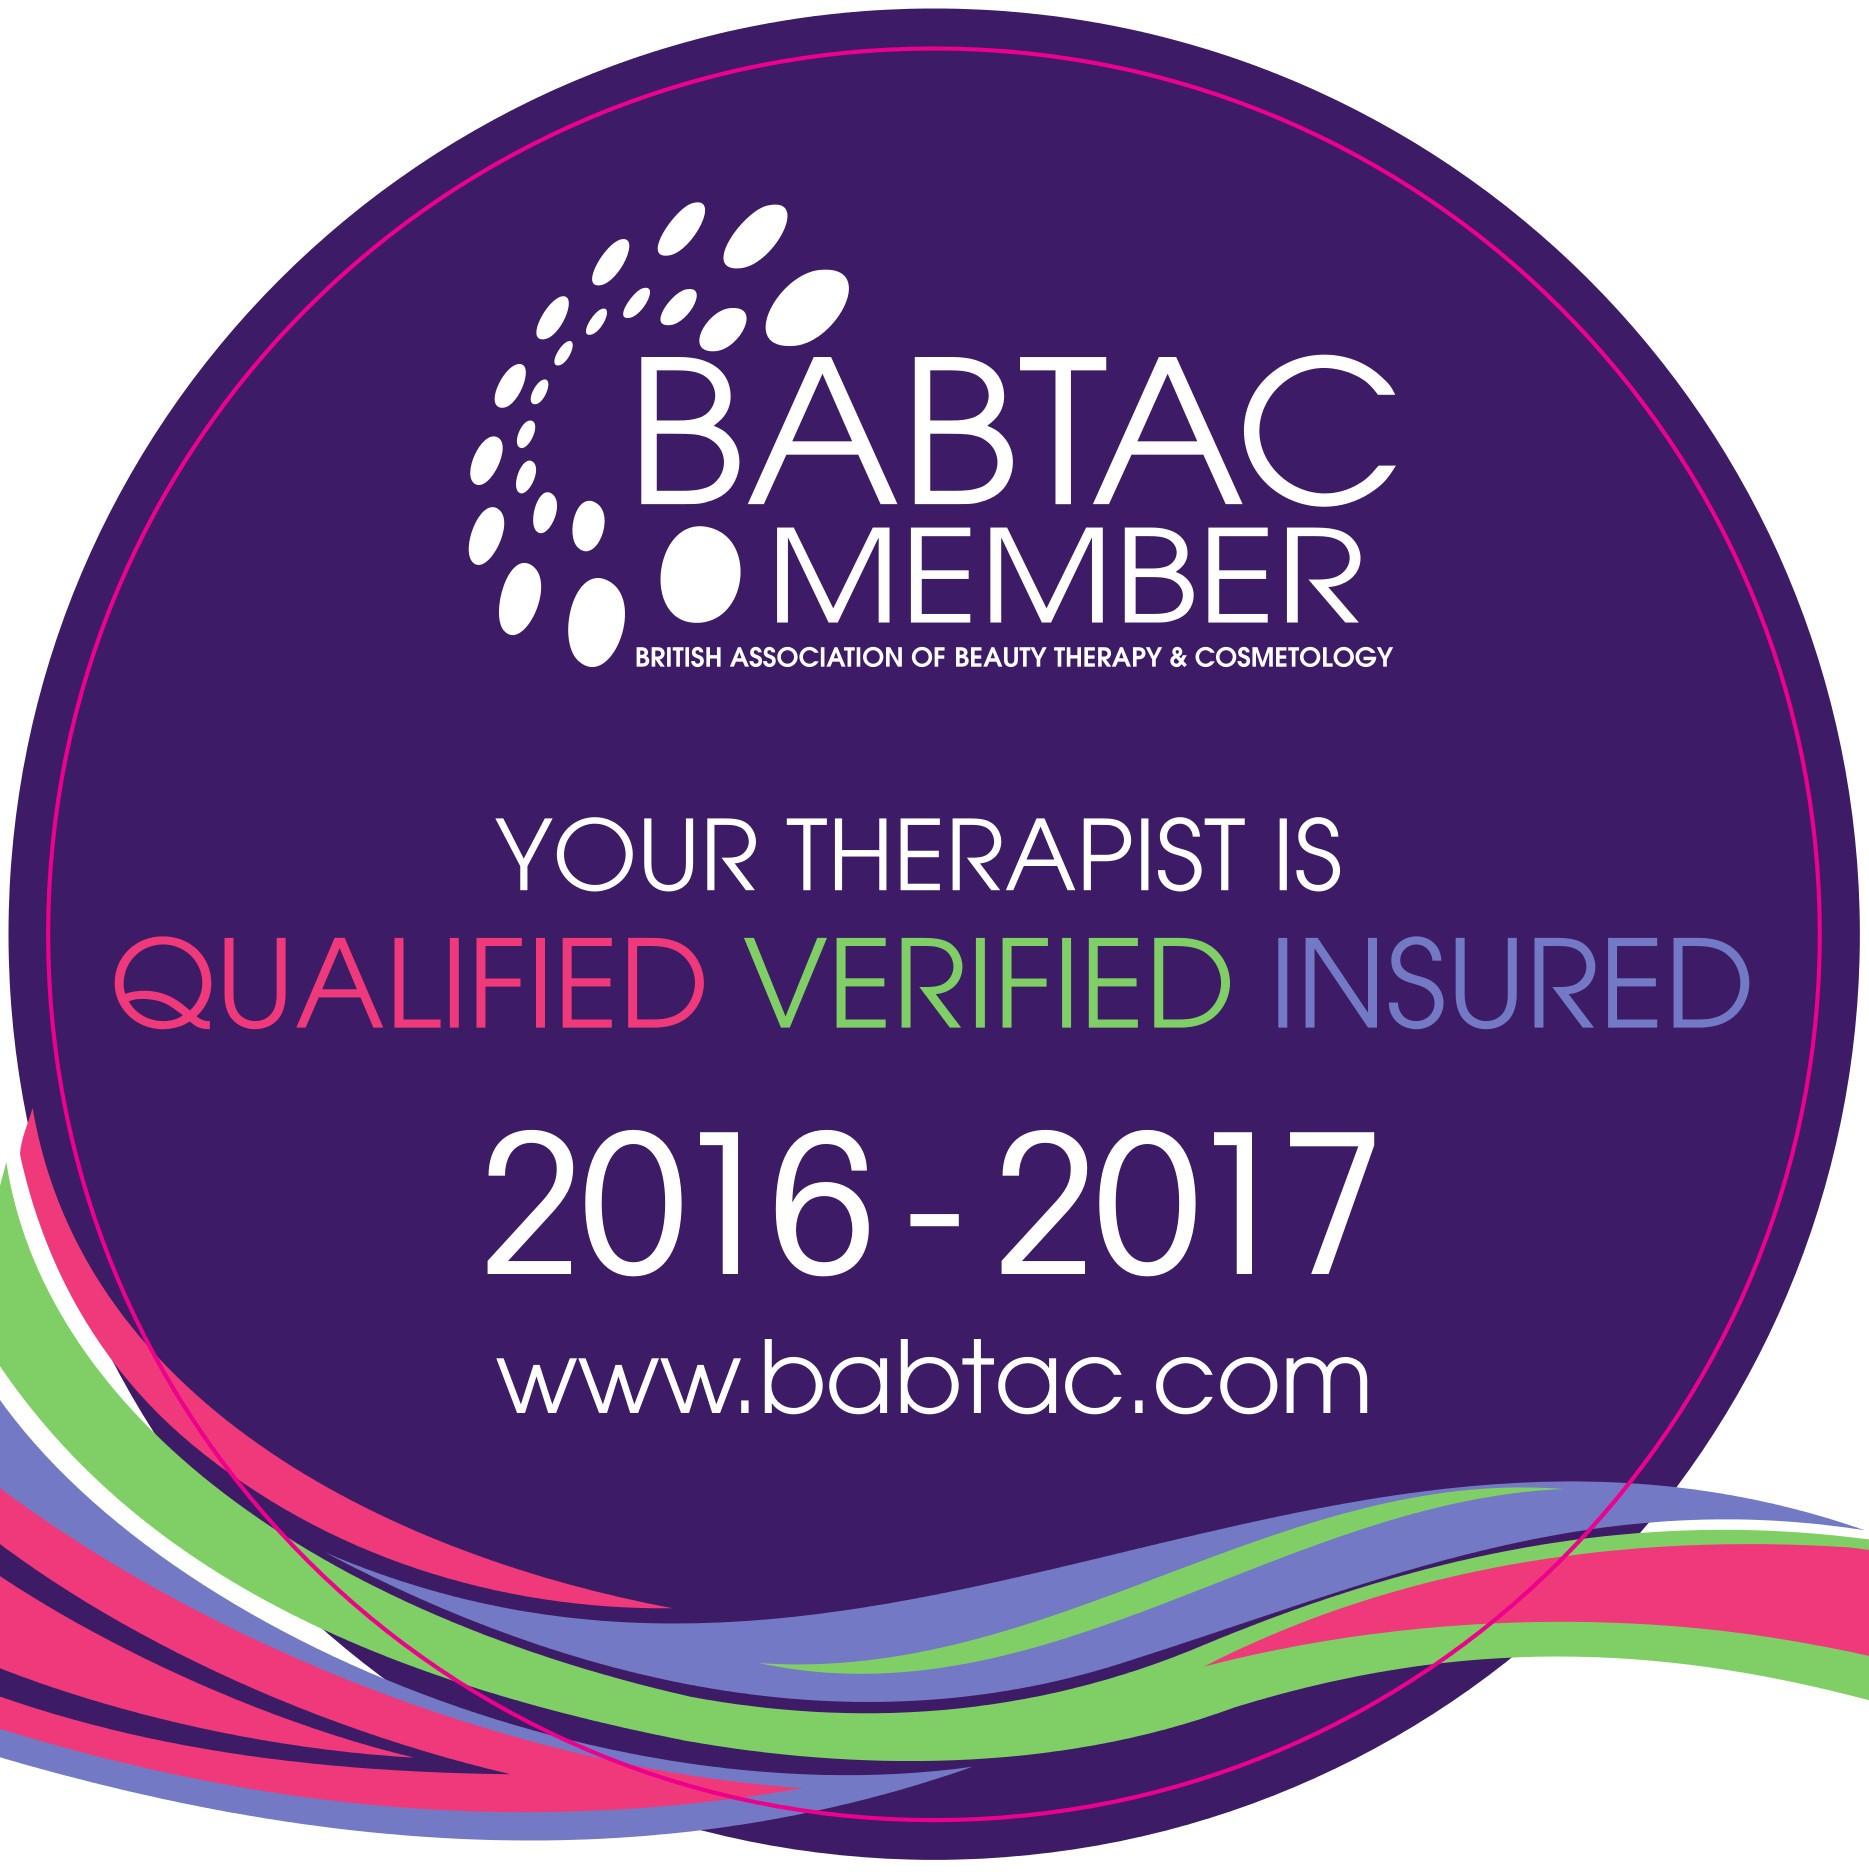 BABTAC Member 2016-17